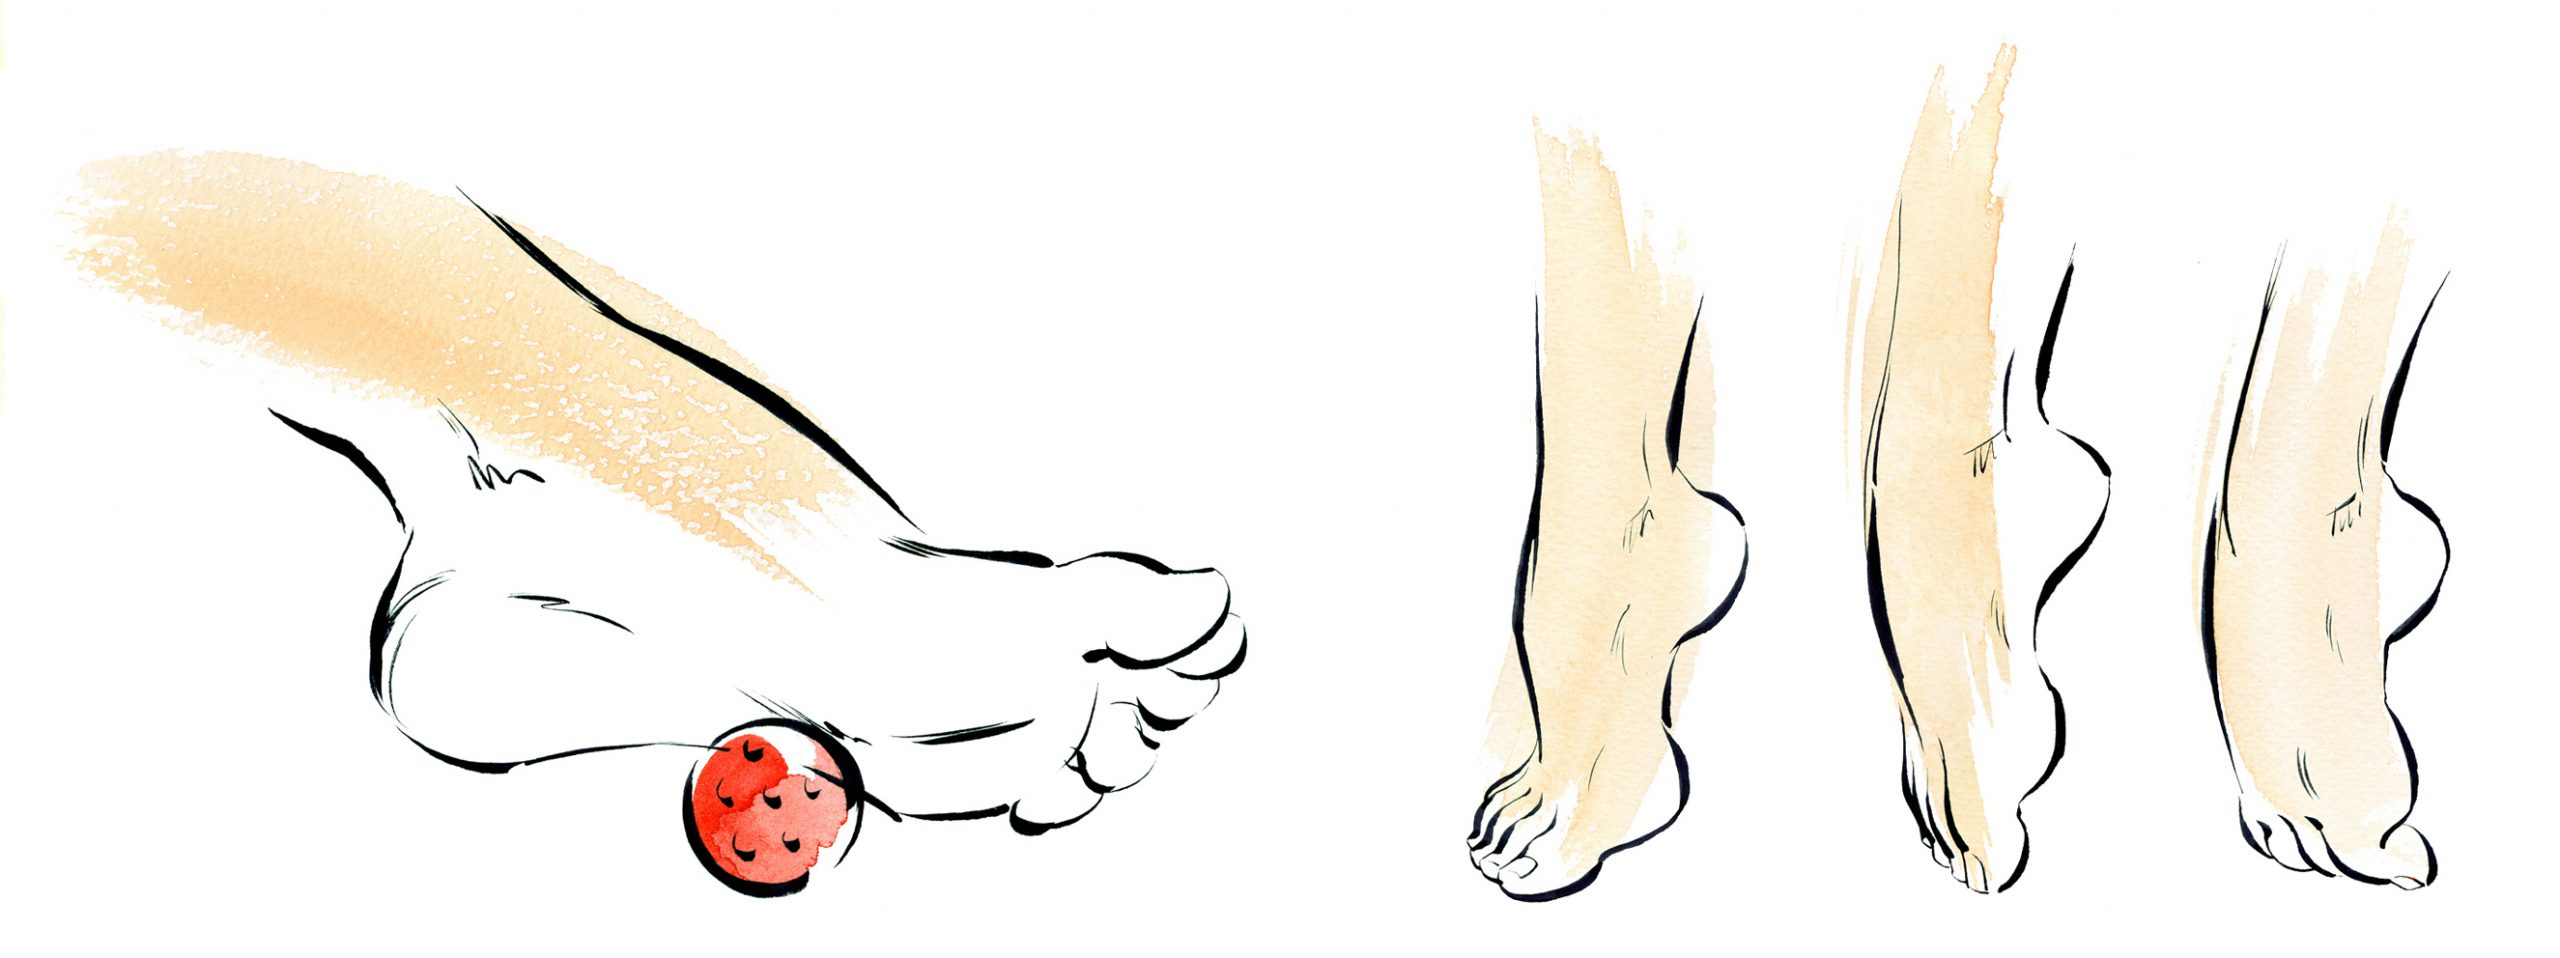 Illustration Medical Health Scholl Foot Excercises Information Lreaflet